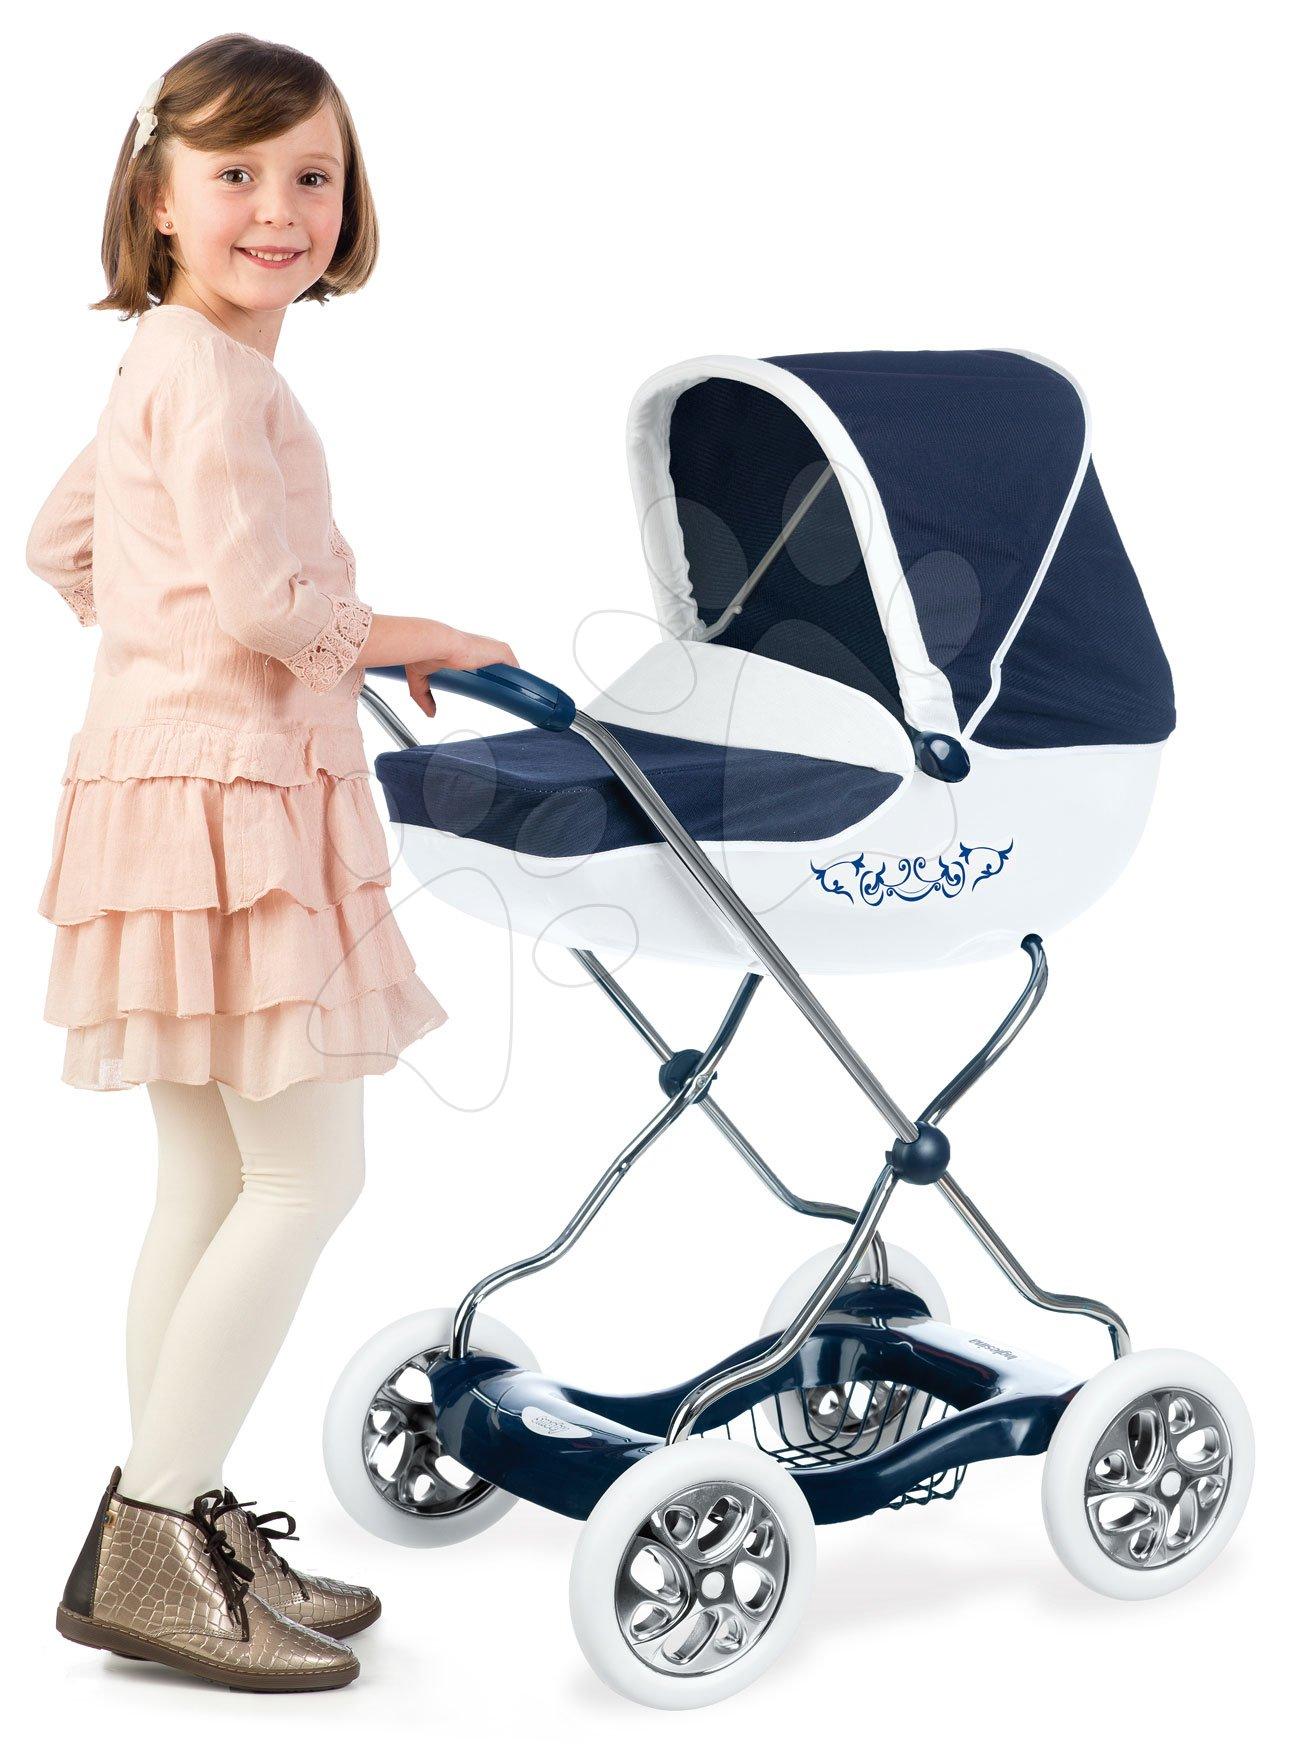 Kočárek hluboký velký Shara Inglesina White&Blue Baby Nurse Smoby modrý pro 42cm panenku výška rukojeti 77 cm